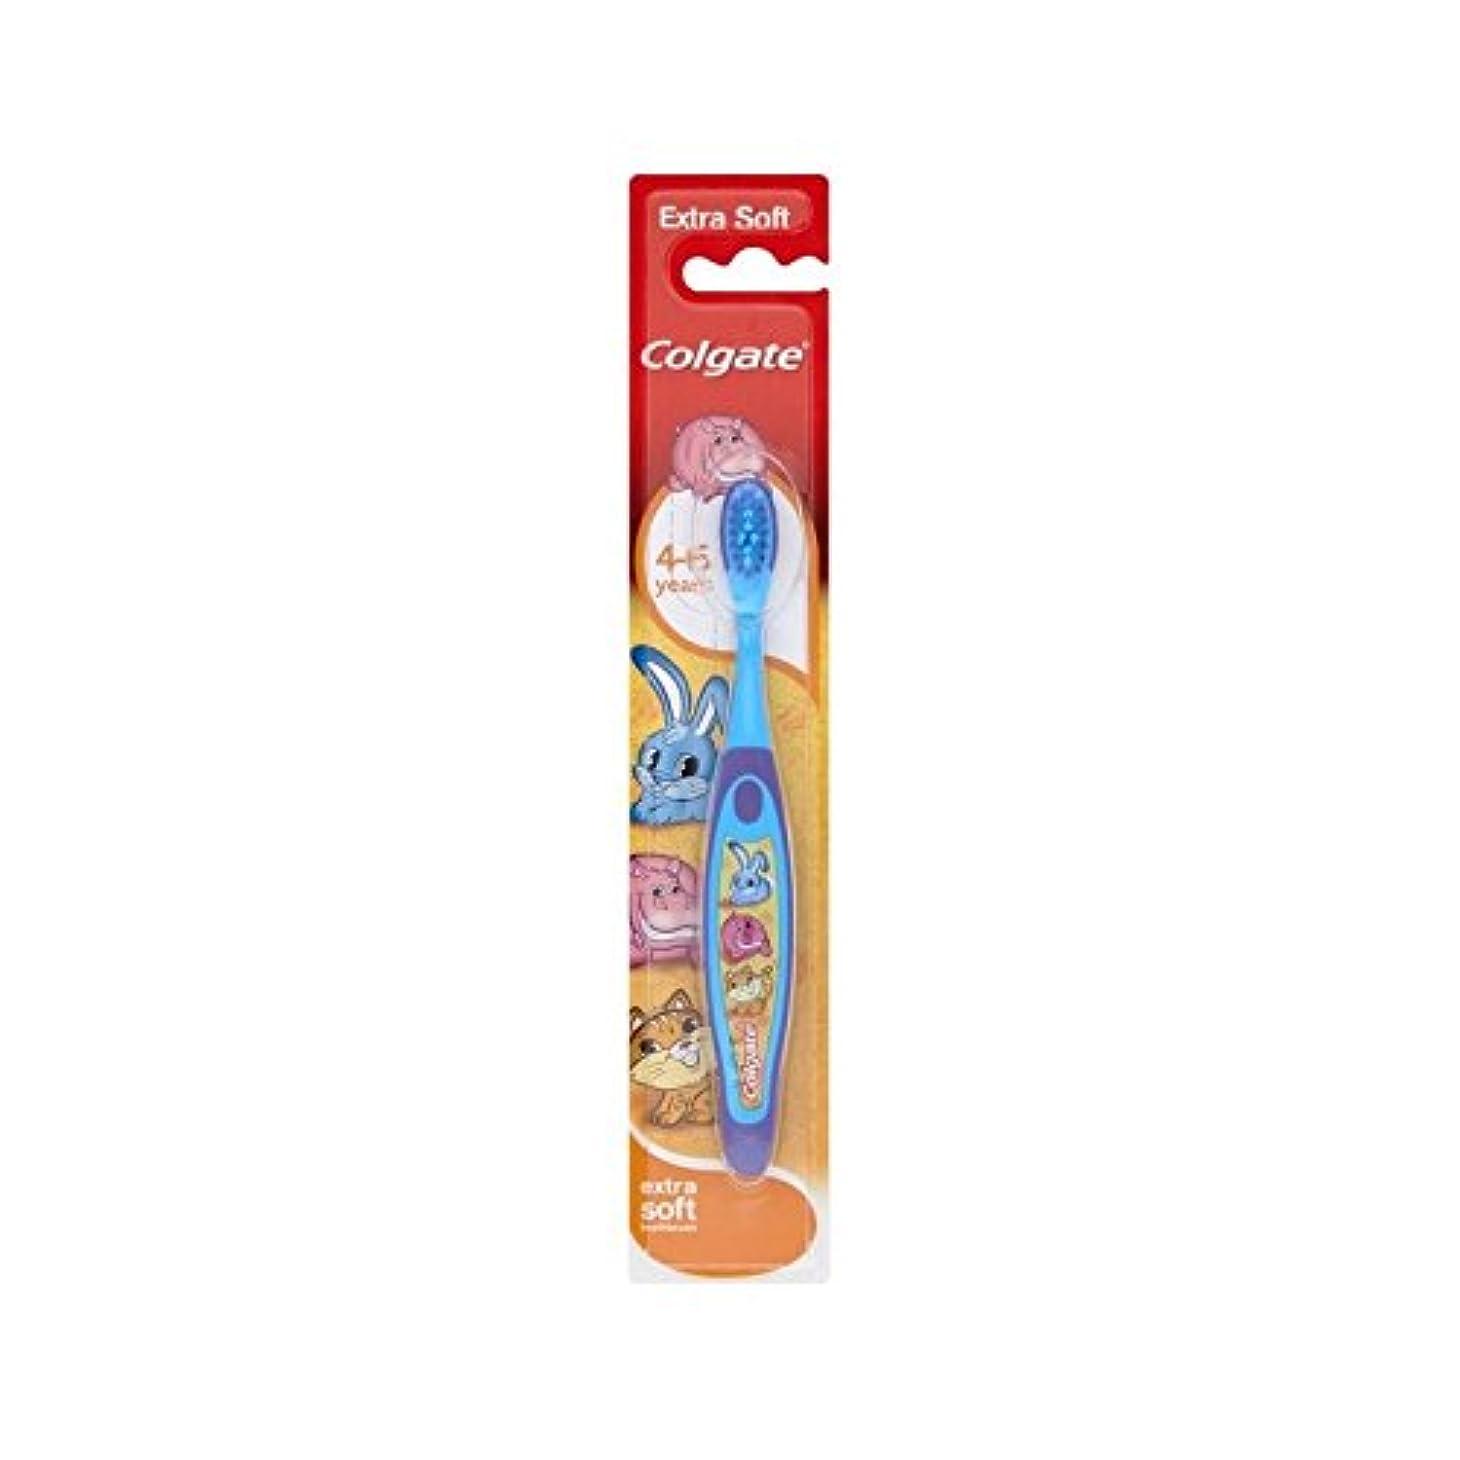 厚いビジター曲4-6歳の歯ブラシを笑顔 (Colgate) (x 2) - Colgate Smiles 4-6 Years Old Toothbrush (Pack of 2) [並行輸入品]